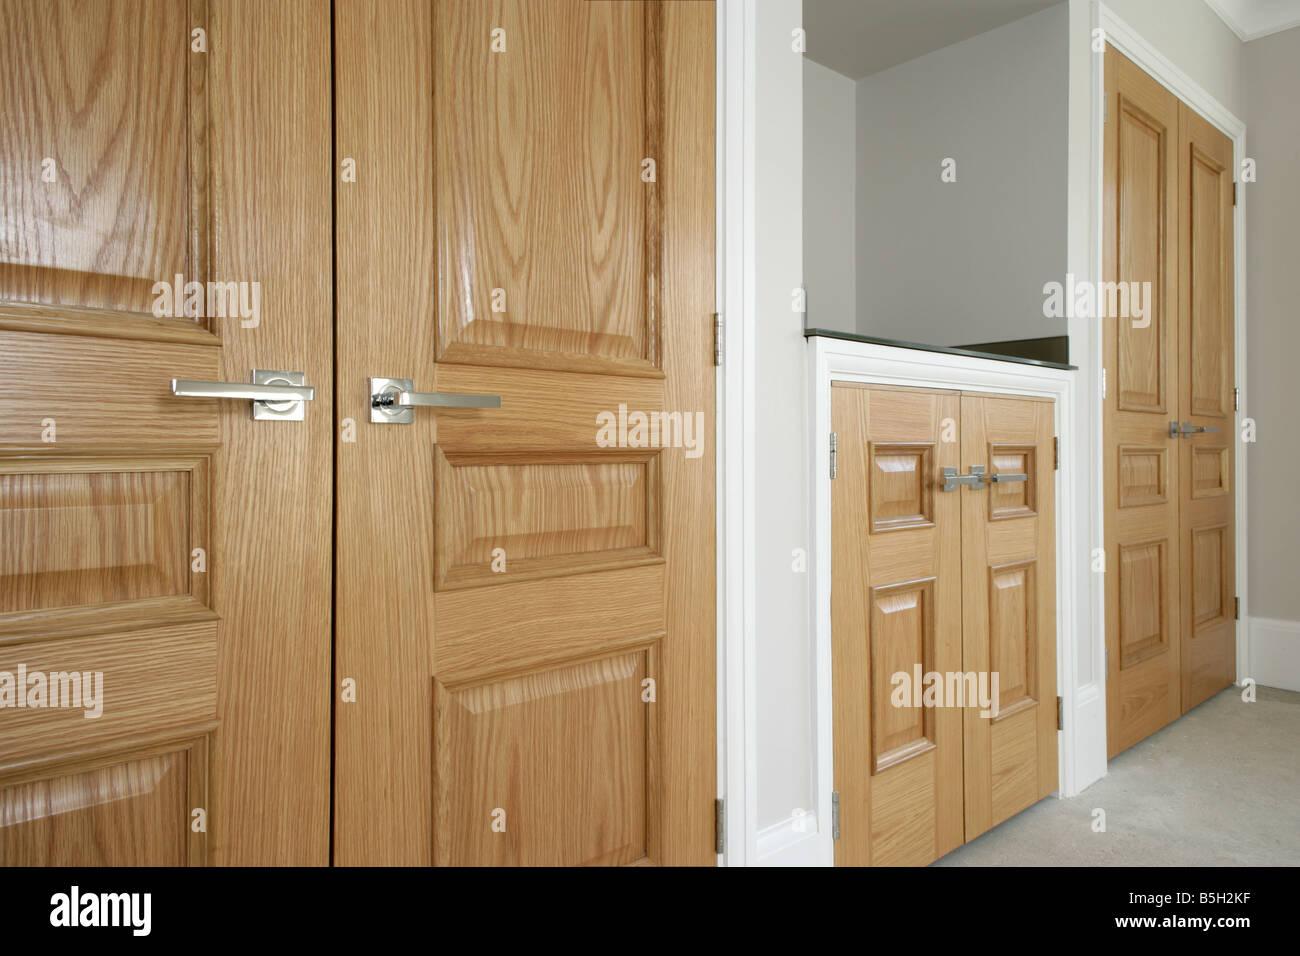 wooden bedroom cupboards Stock Photo: 20658947 - Alamy